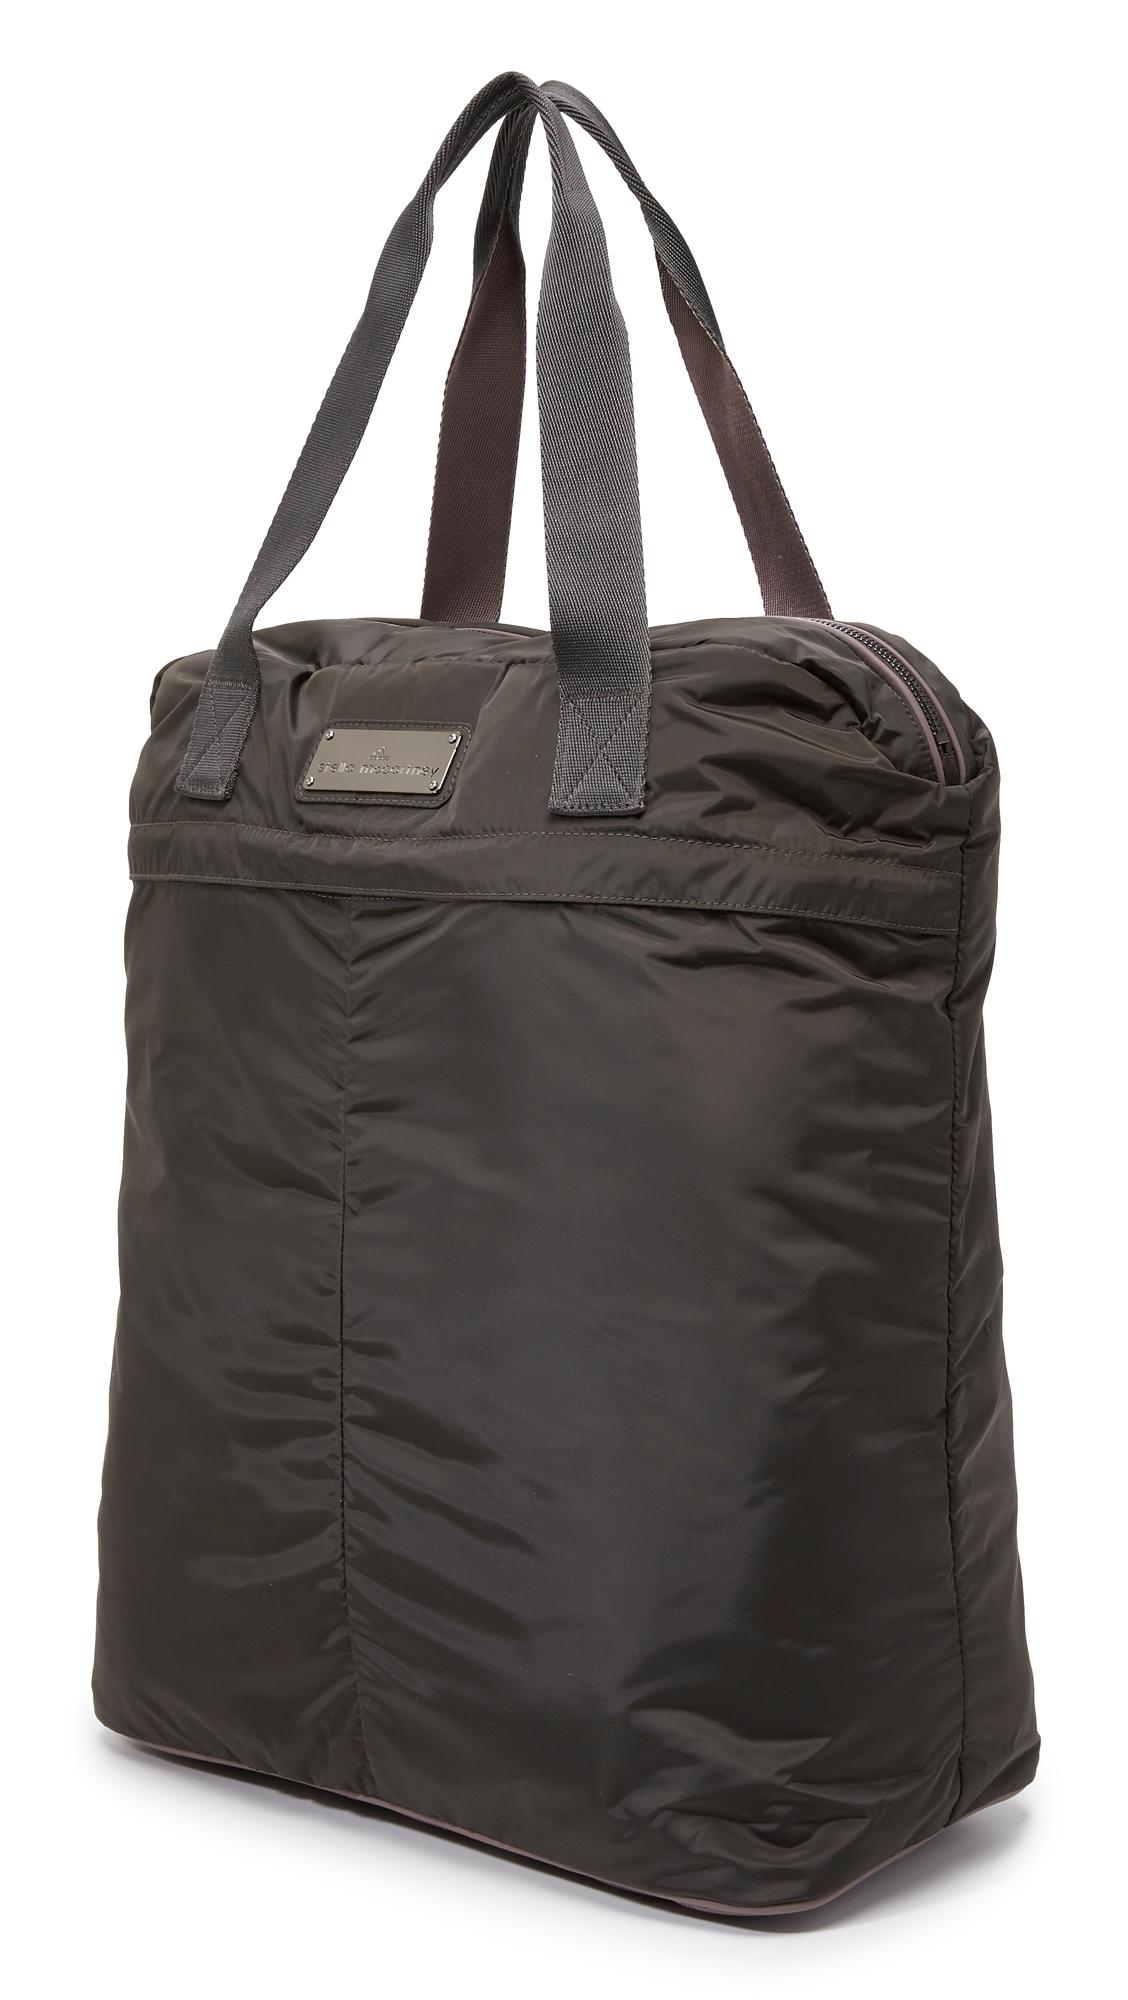 Adidas By Stella Mccartney Big Sports Bag in Gray - Lyst 9415c3ad86